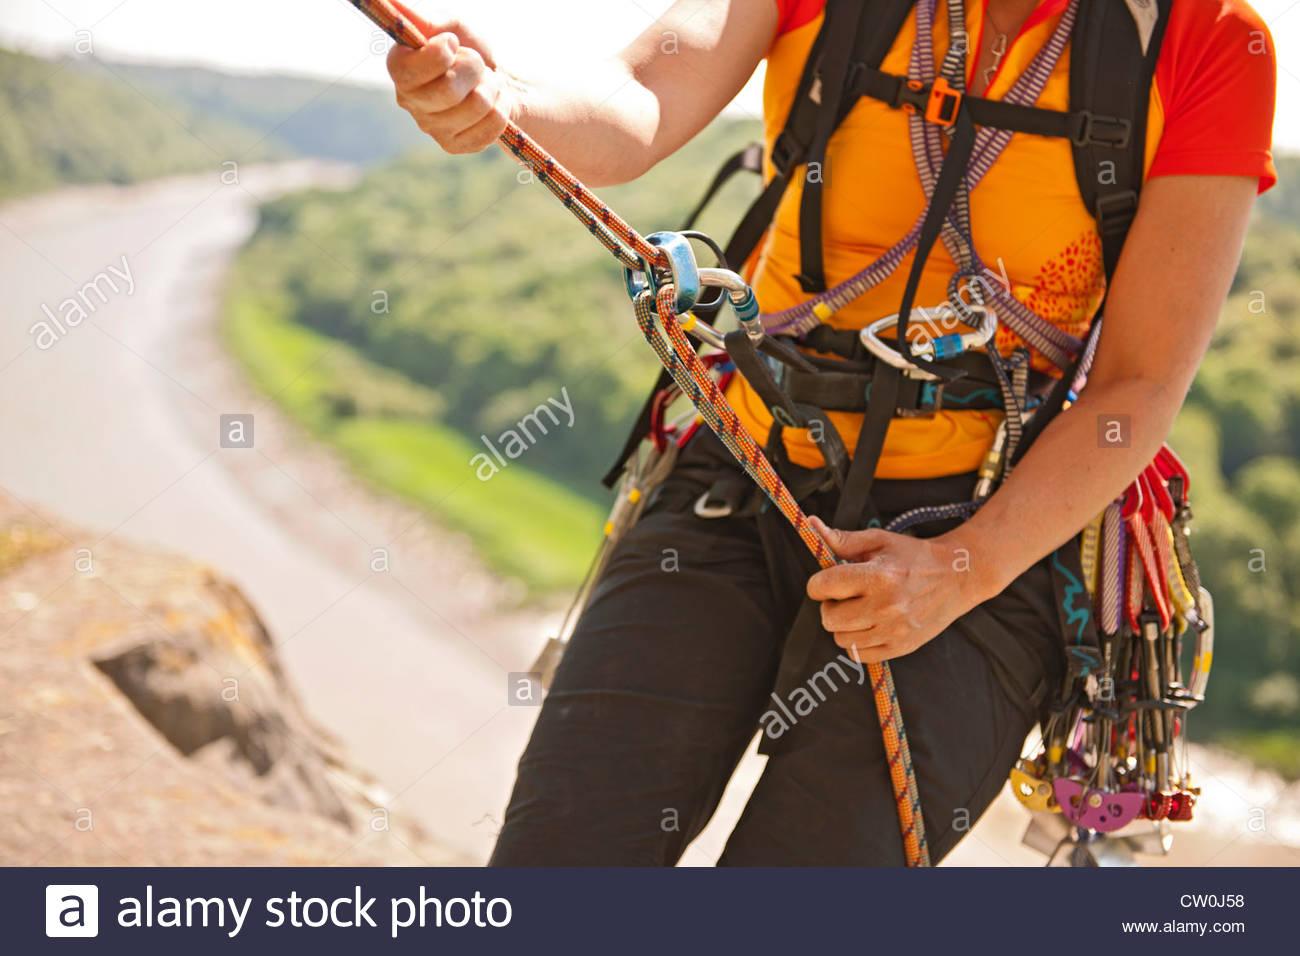 Les grimpeurs des mousquetons et corde élastique Photo Stock